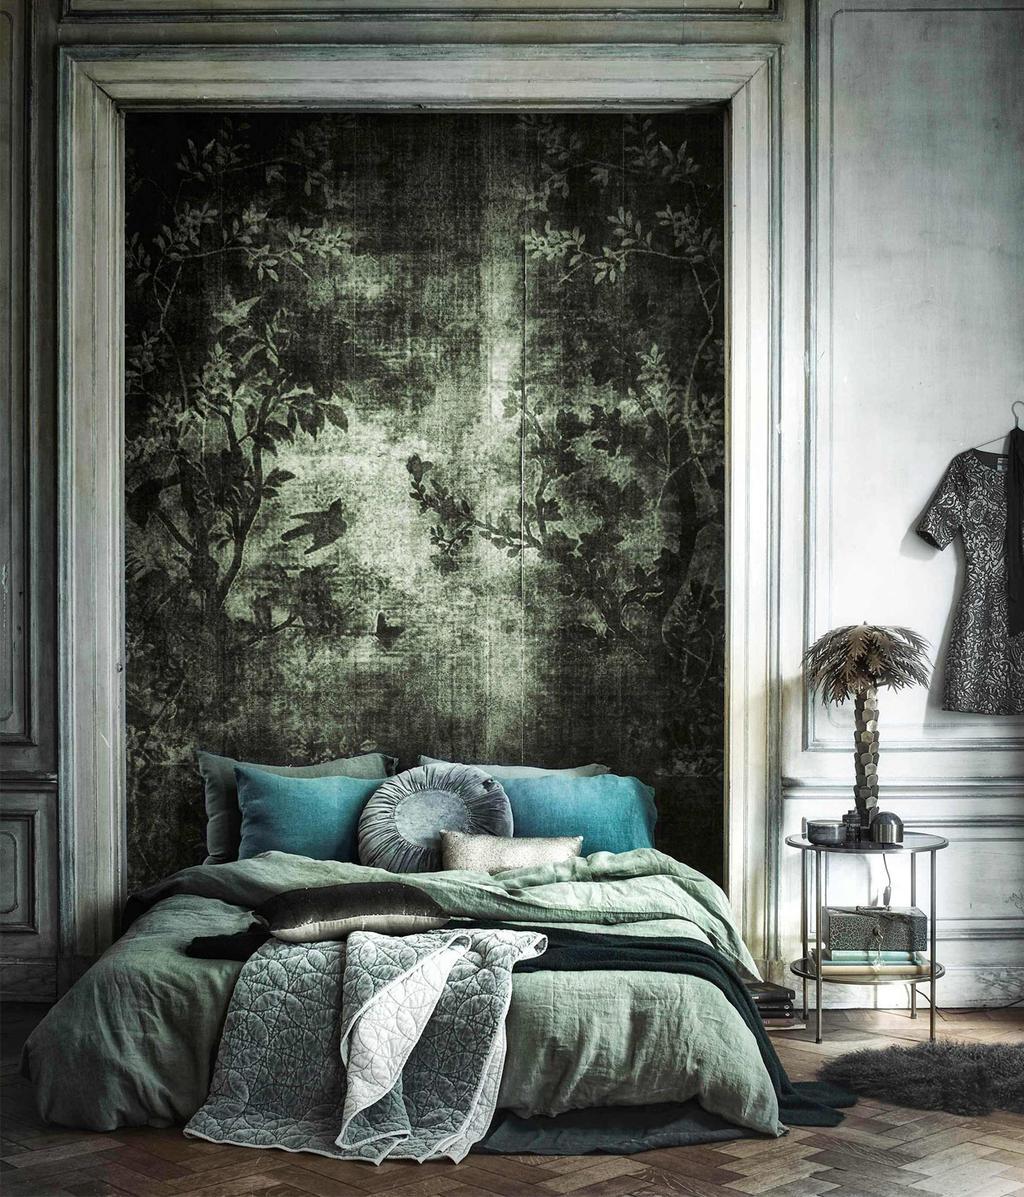 Sprookjesachtig bed | vtwonen 12-2016